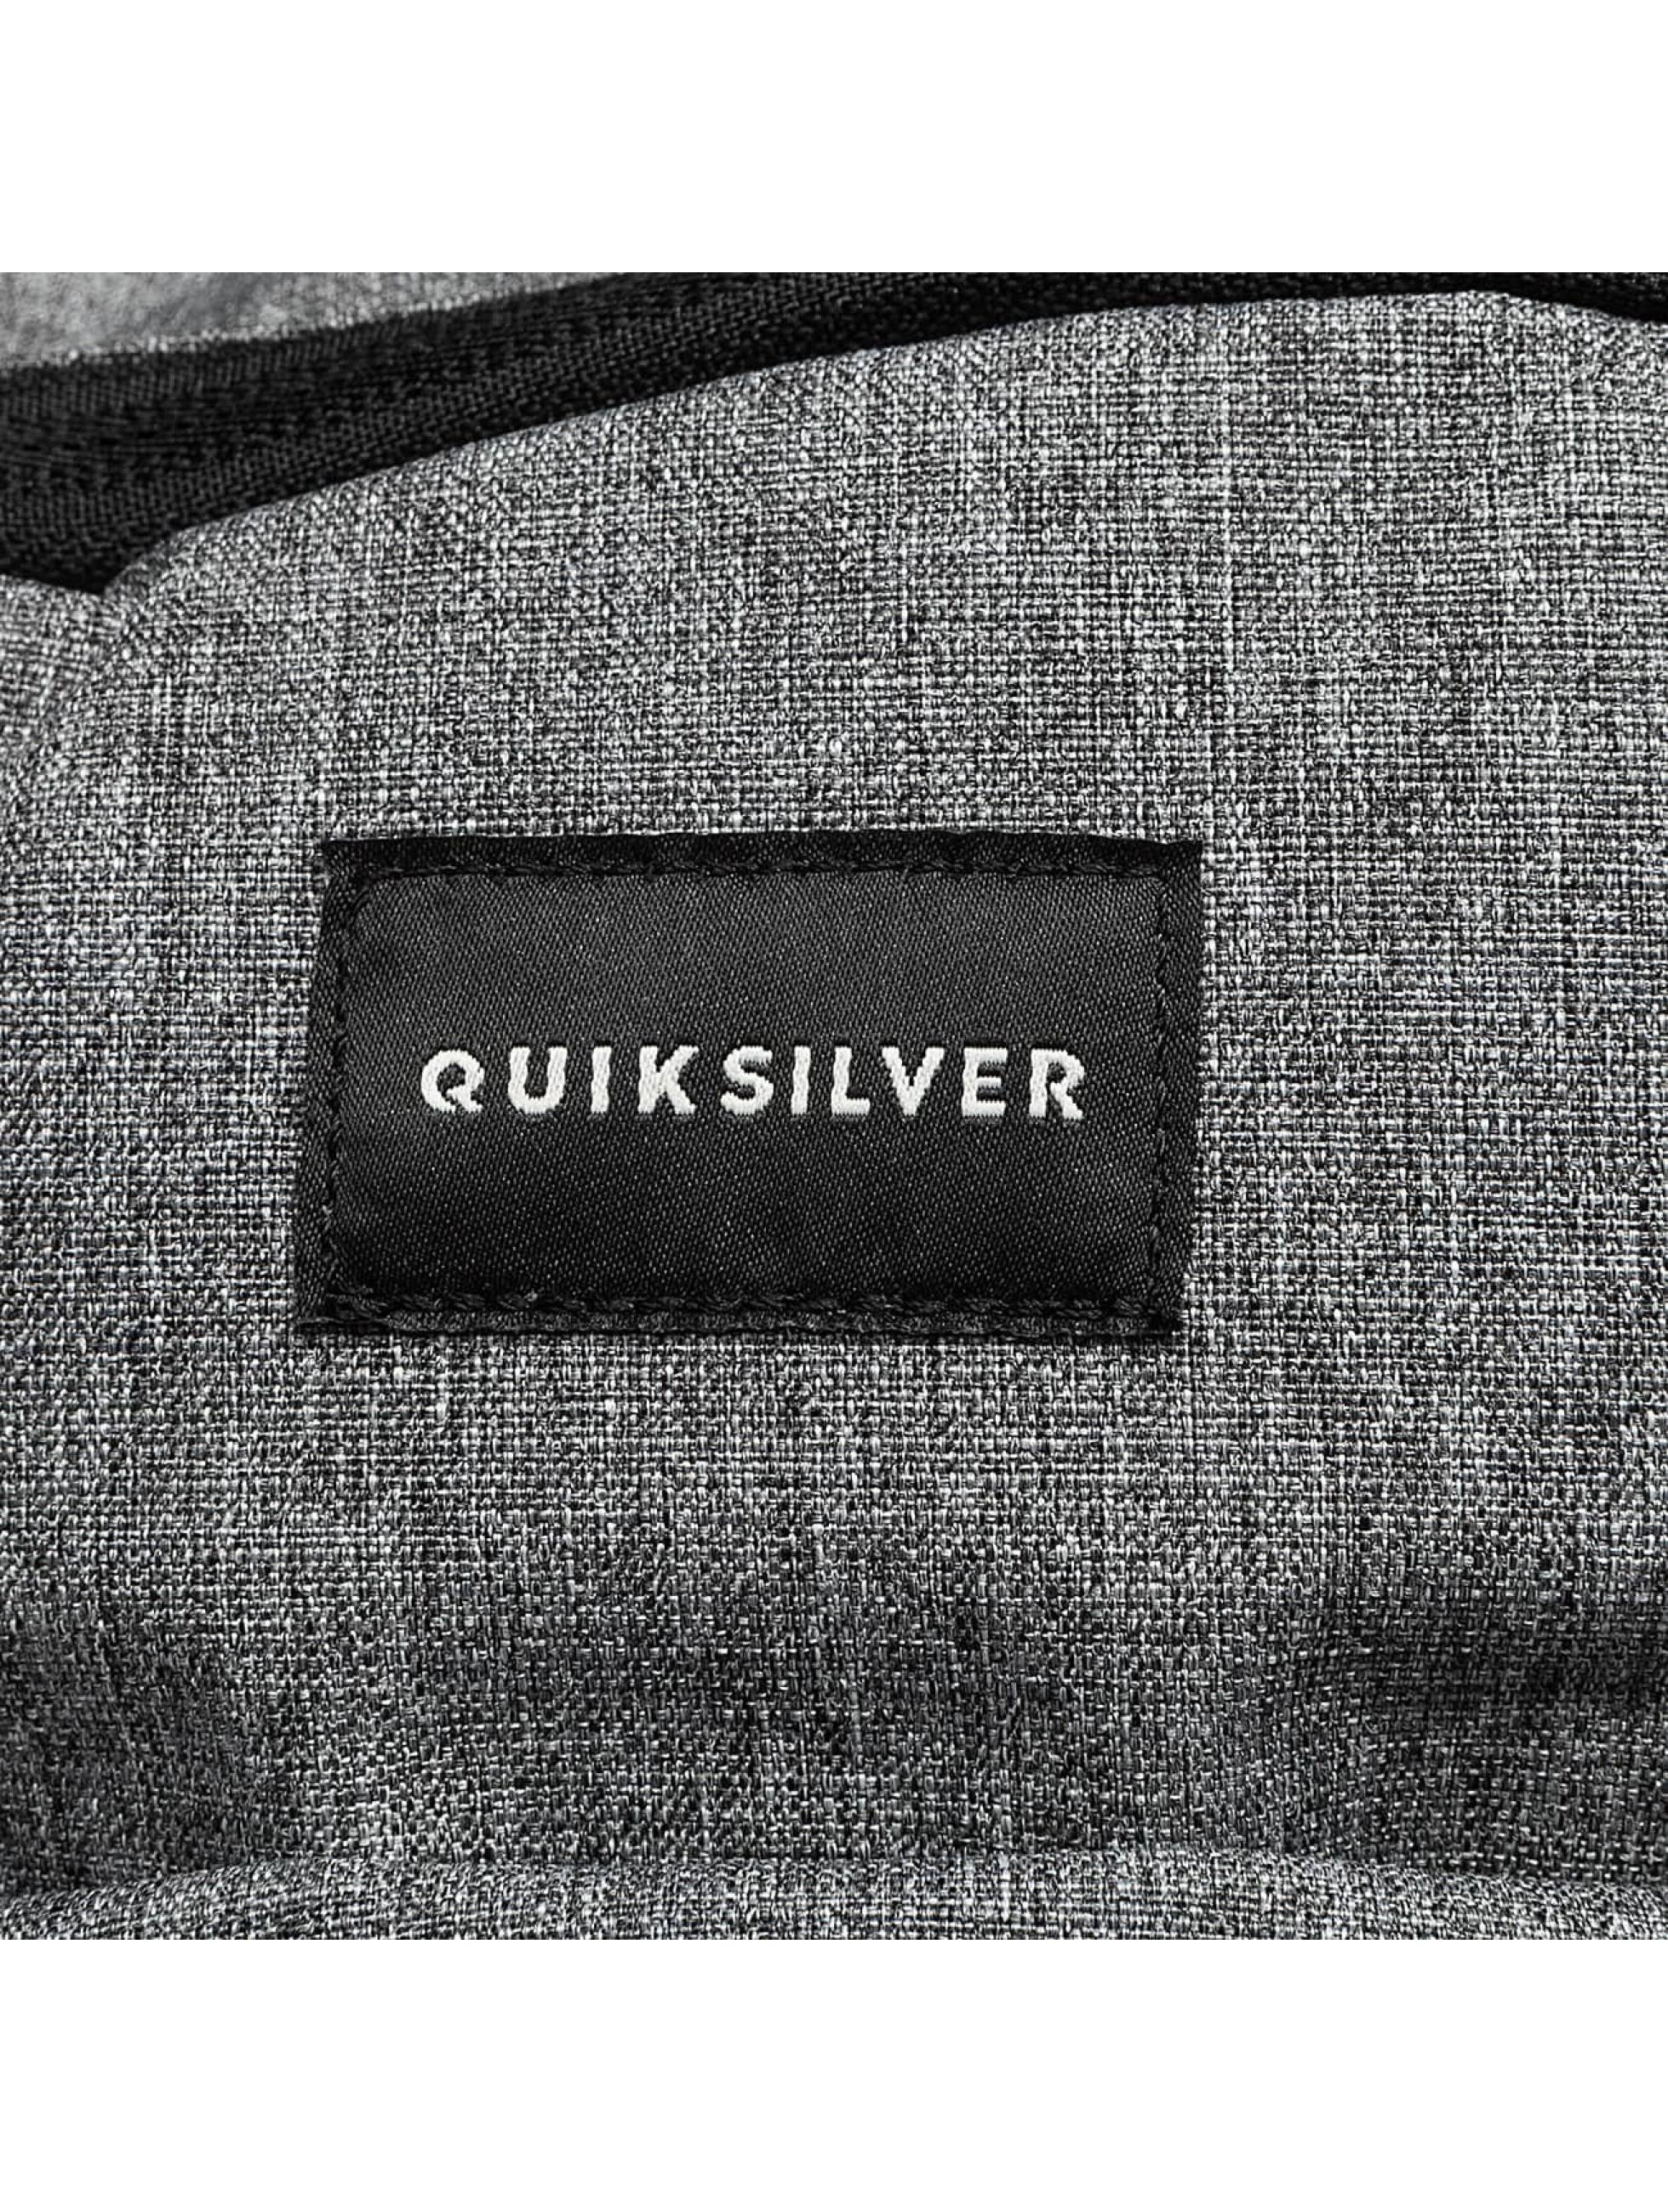 Quiksilver rugzak Burst grijs